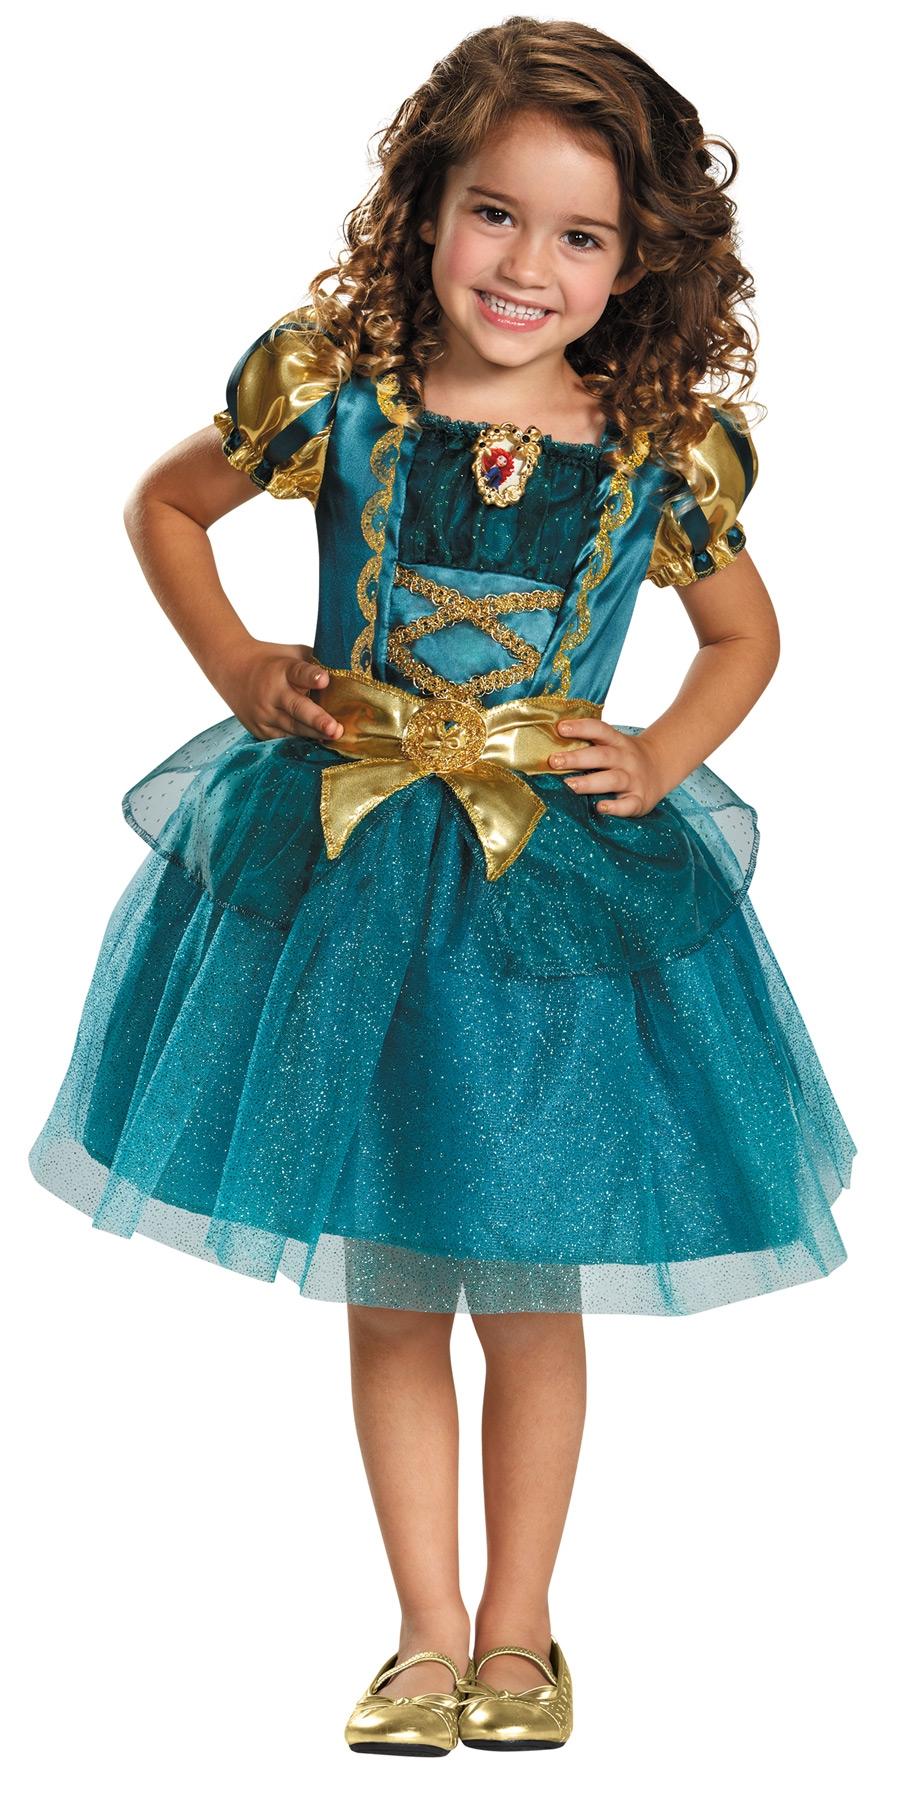 Детский костюм принцессы Мериды (28-32) детский костюм озорного клоуна 34